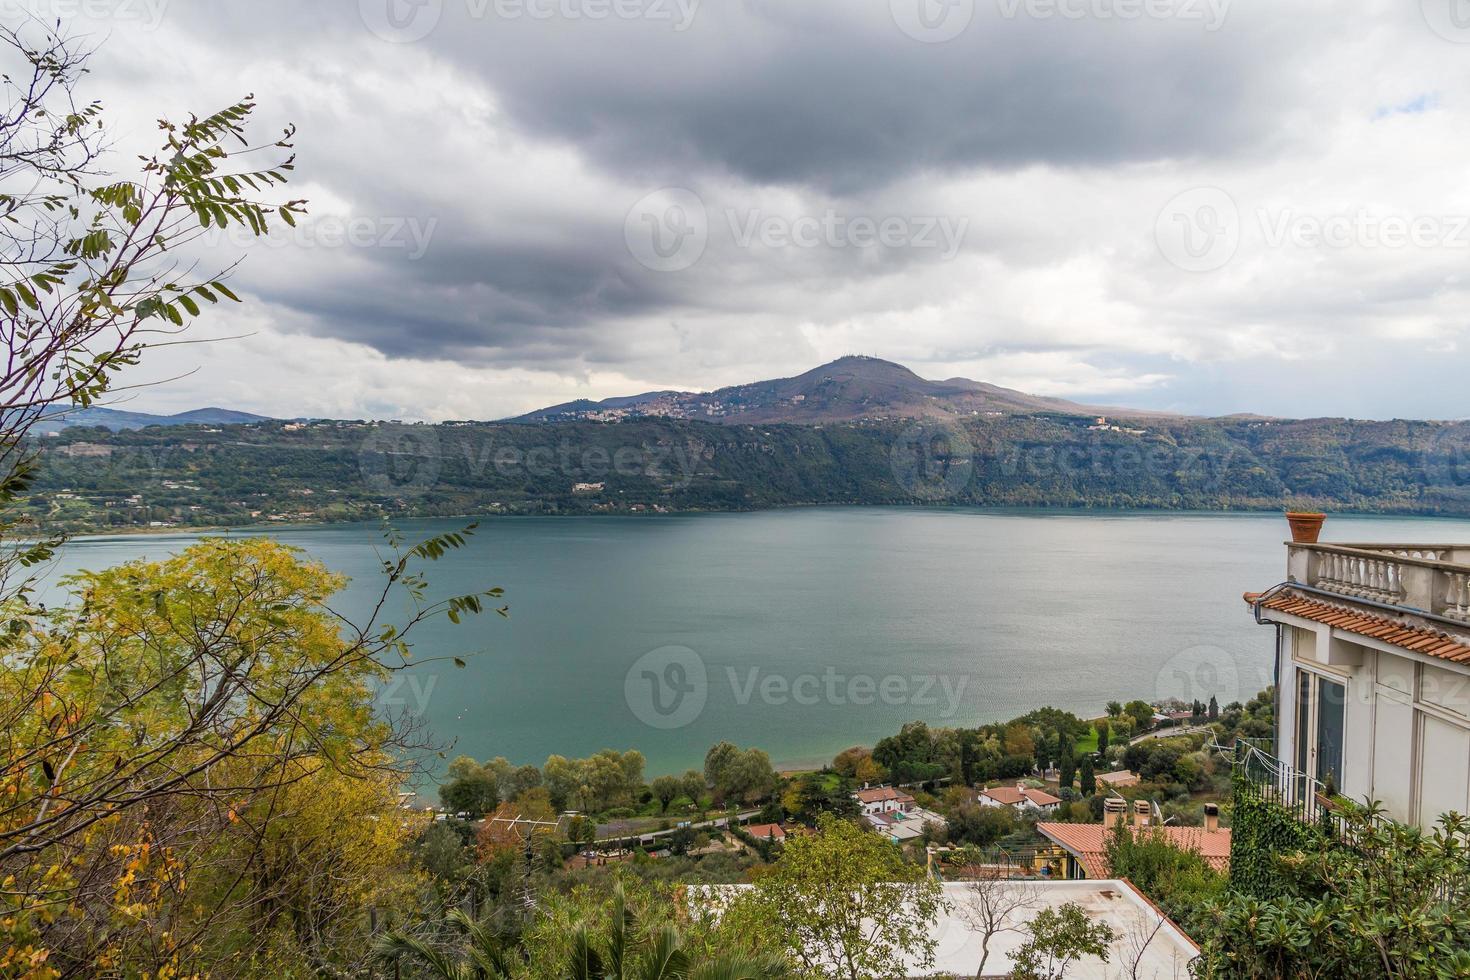 Albanosee, Castelli Romani, Italien foto